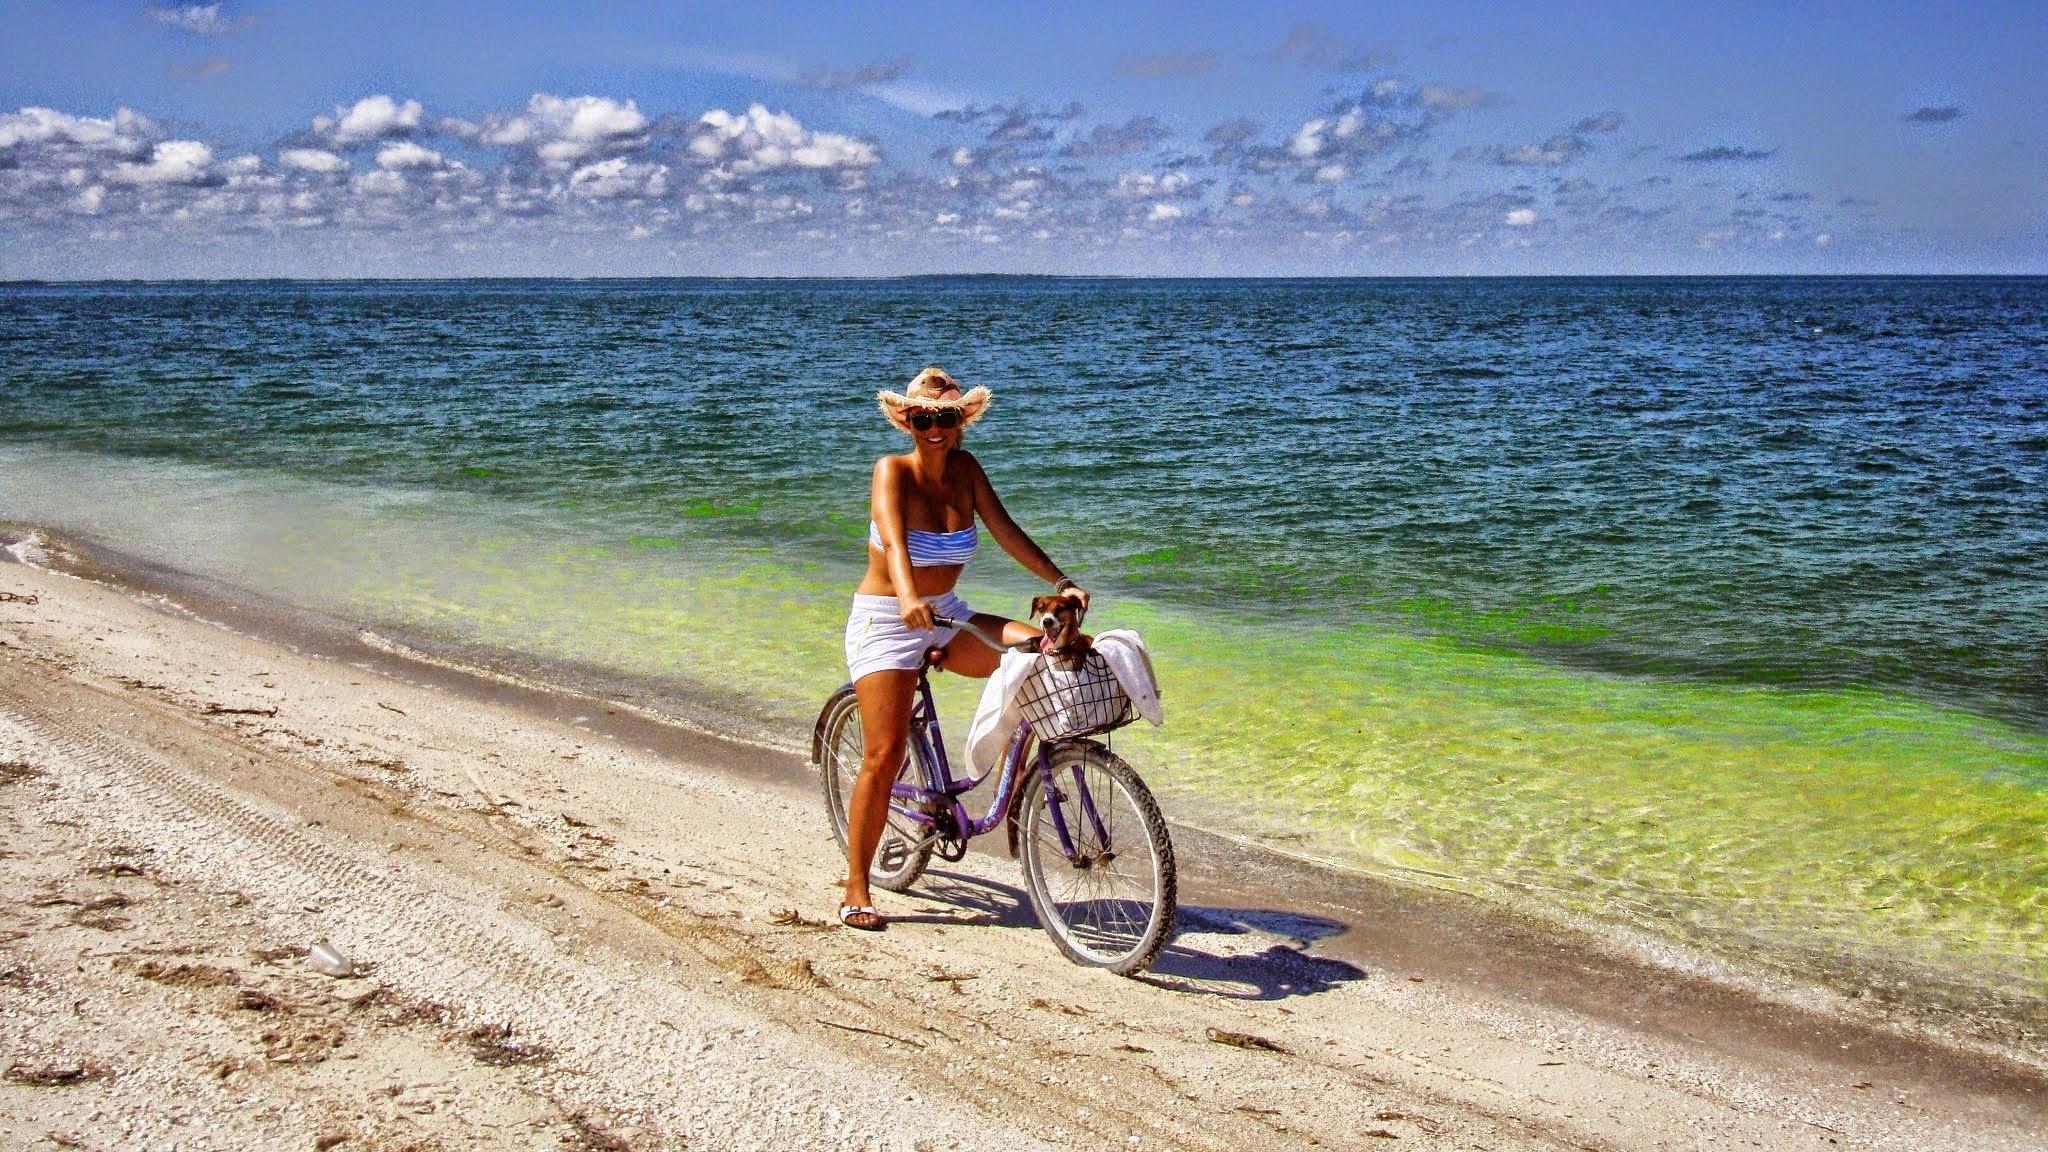 In Bici Sul Lungo Mare Dellisola Di Holbox Messico Coppie Da